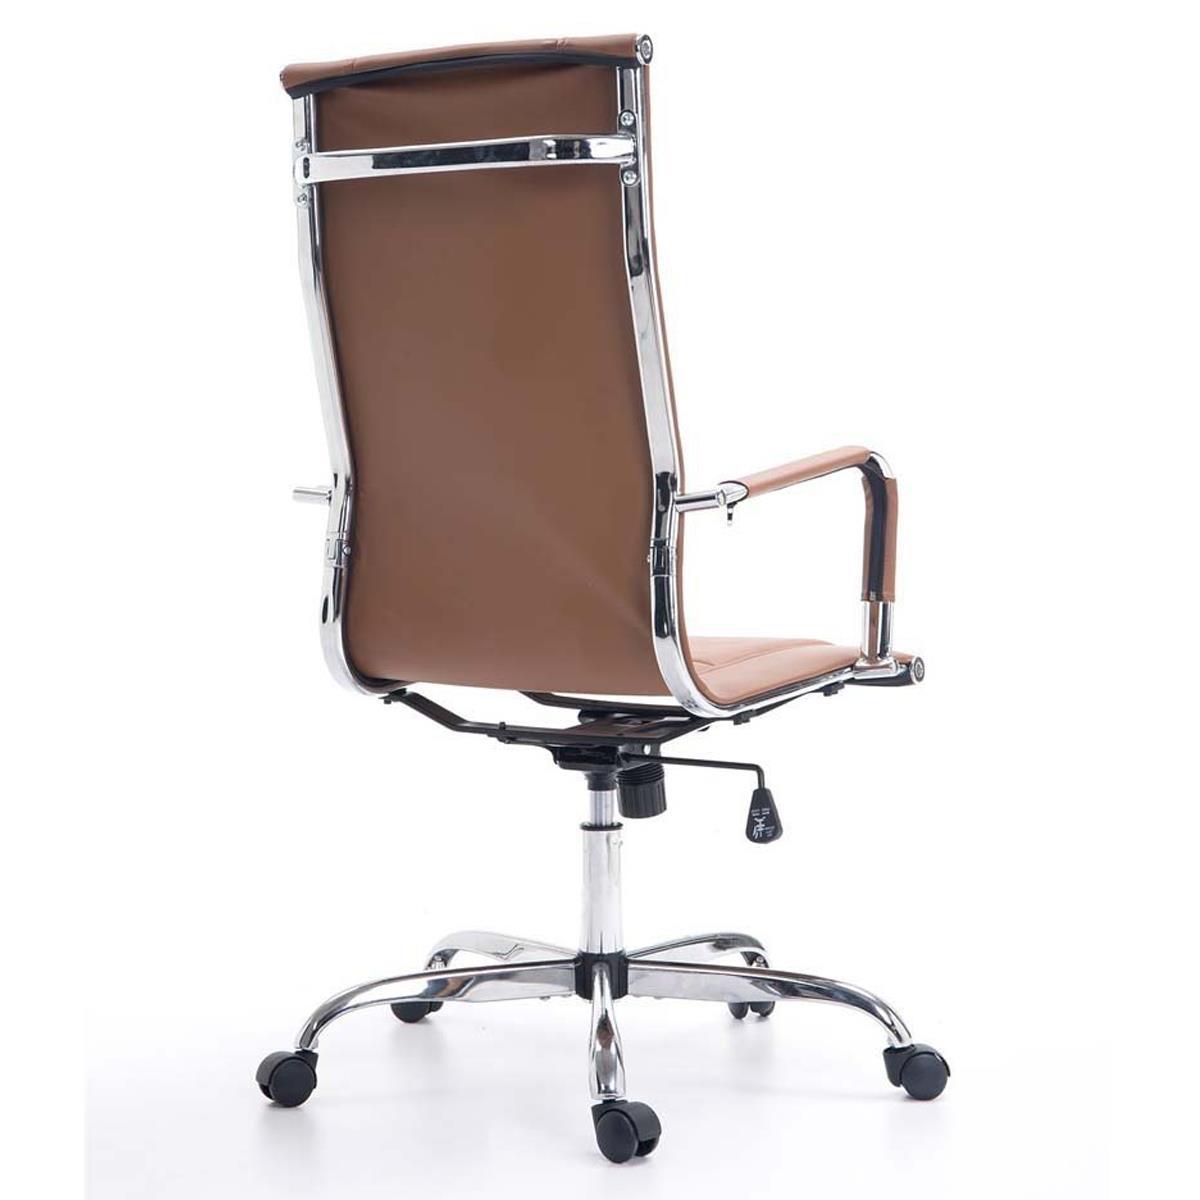 Sedia per ufficio KOLA, struttura in metallo cromato ...